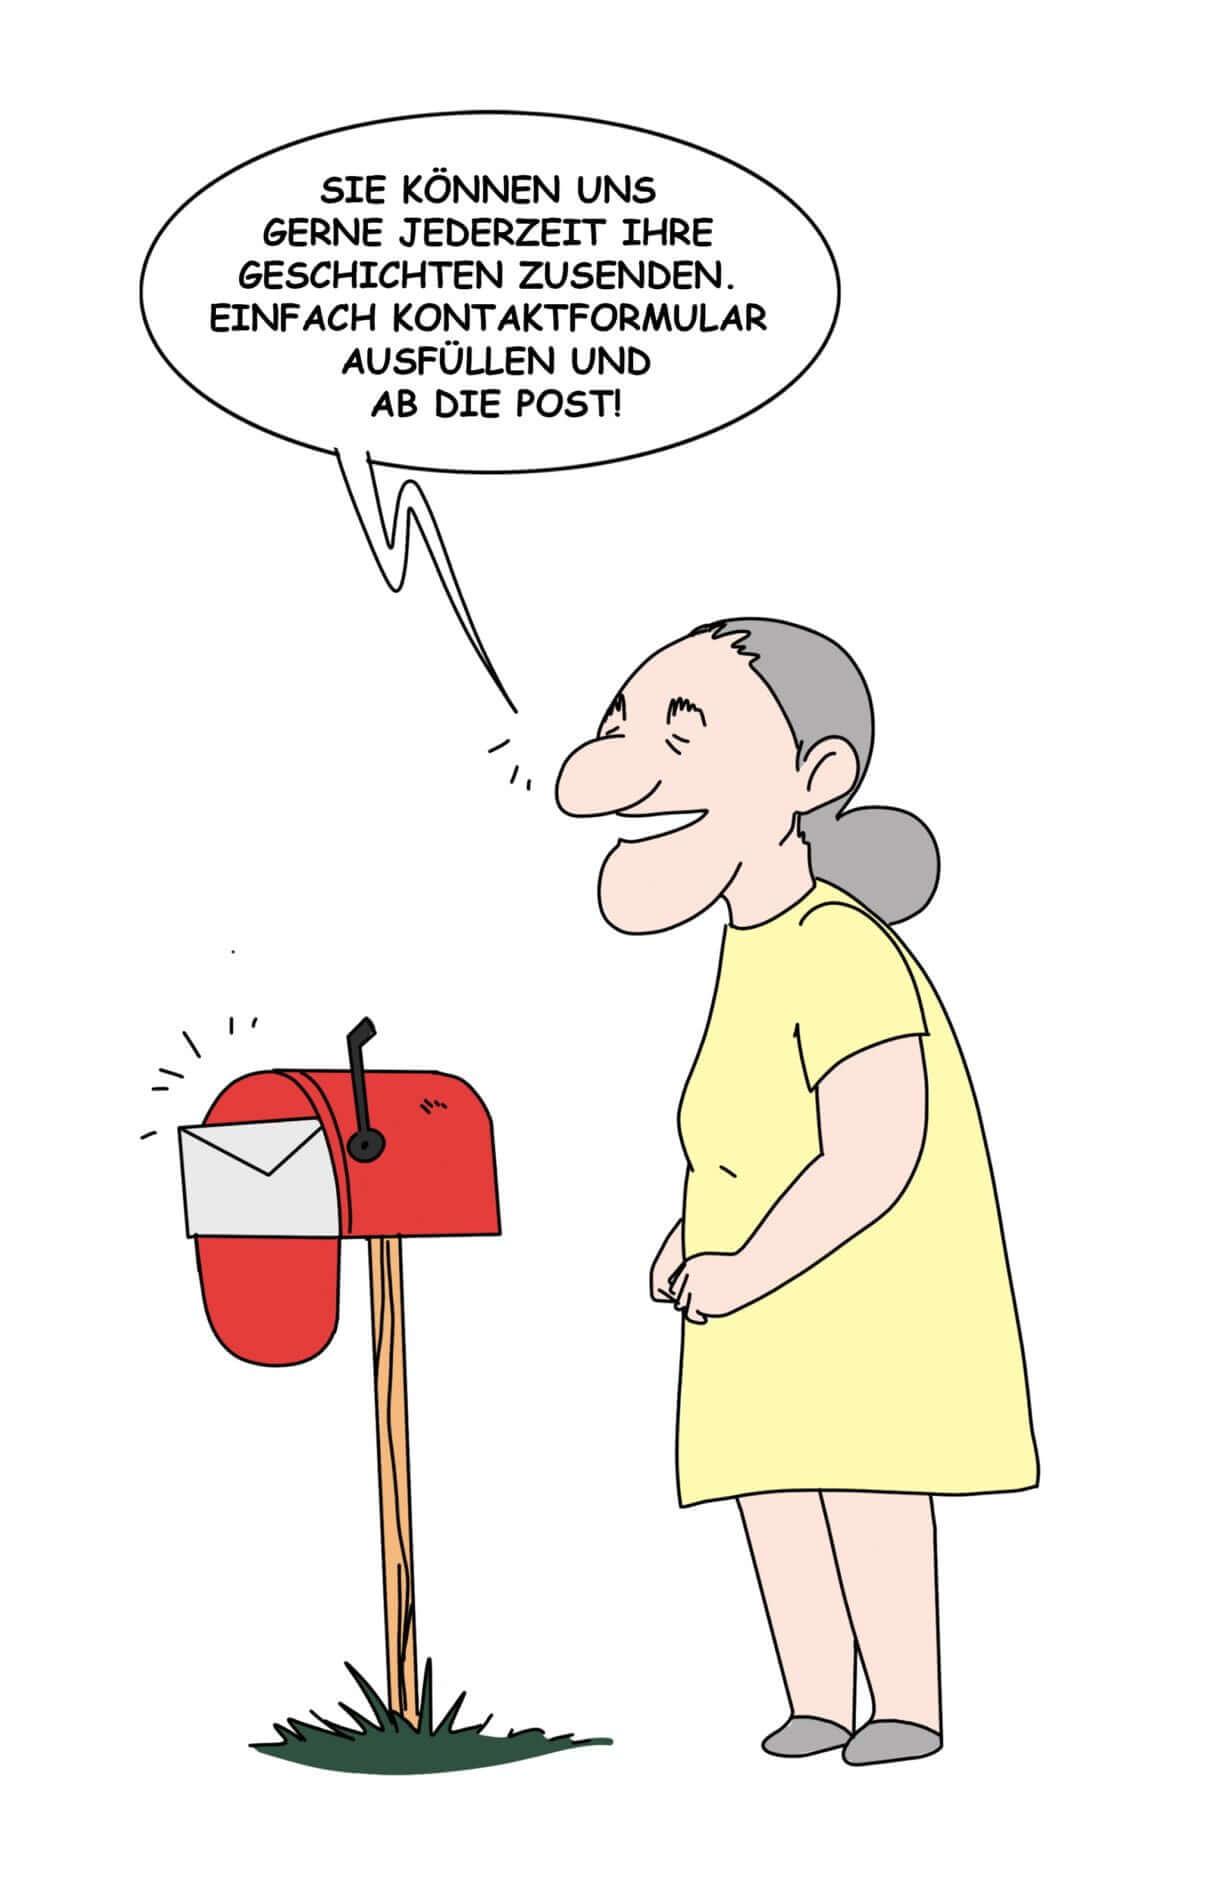 """Berta: """"Sie können uns gerne jederzeit Ihre Geschichten zusenden. Einfach Kontaktformular ausfüllen und ab die Post!"""""""